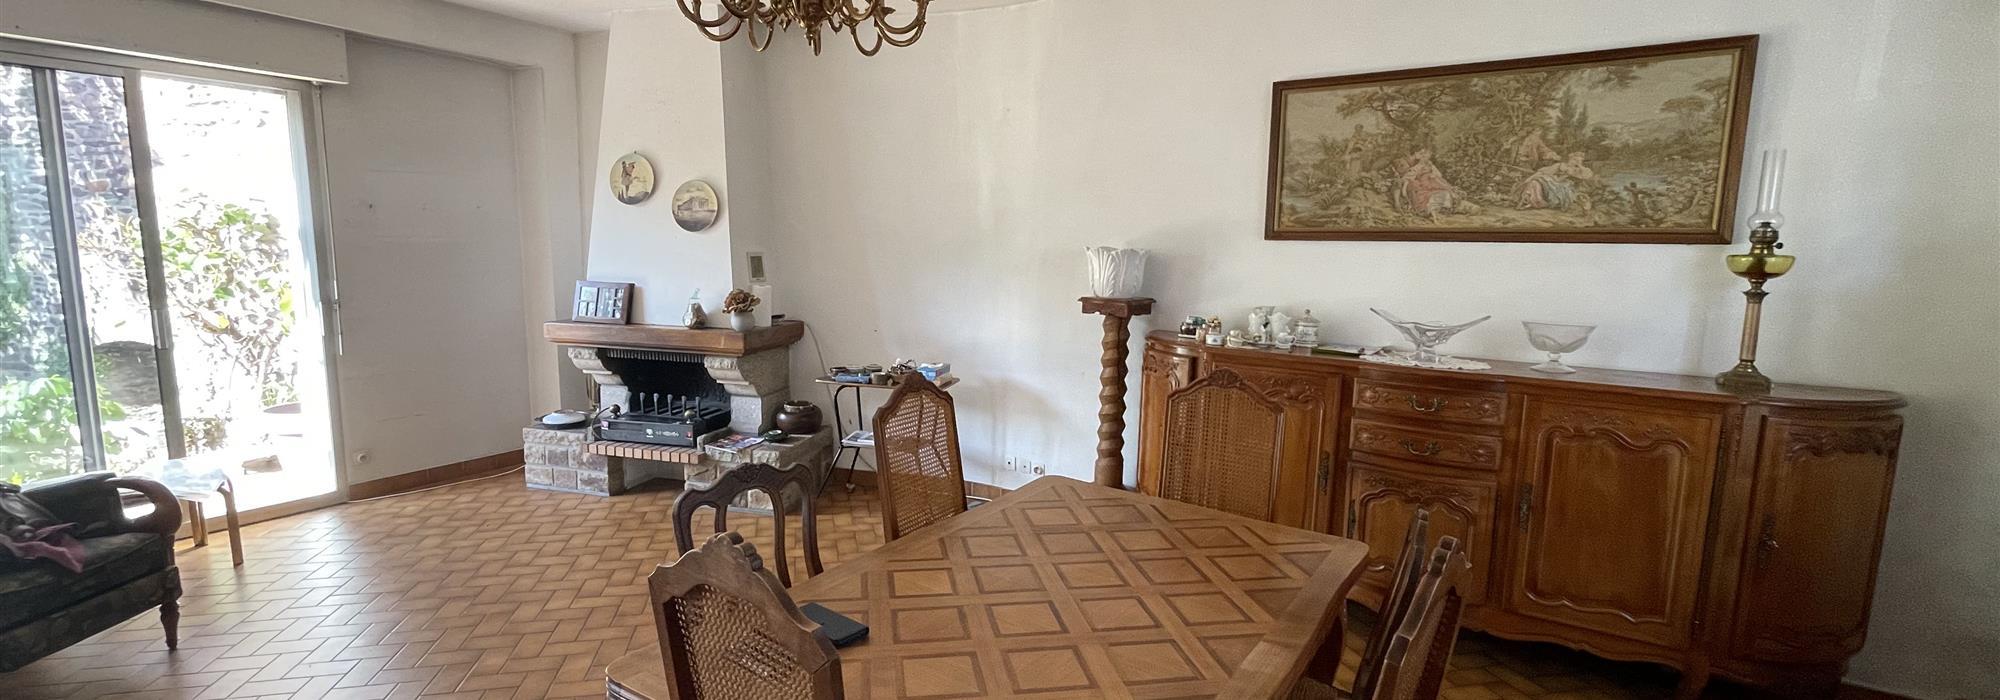 Maison à vendre Rennes Sacrés Coeurs